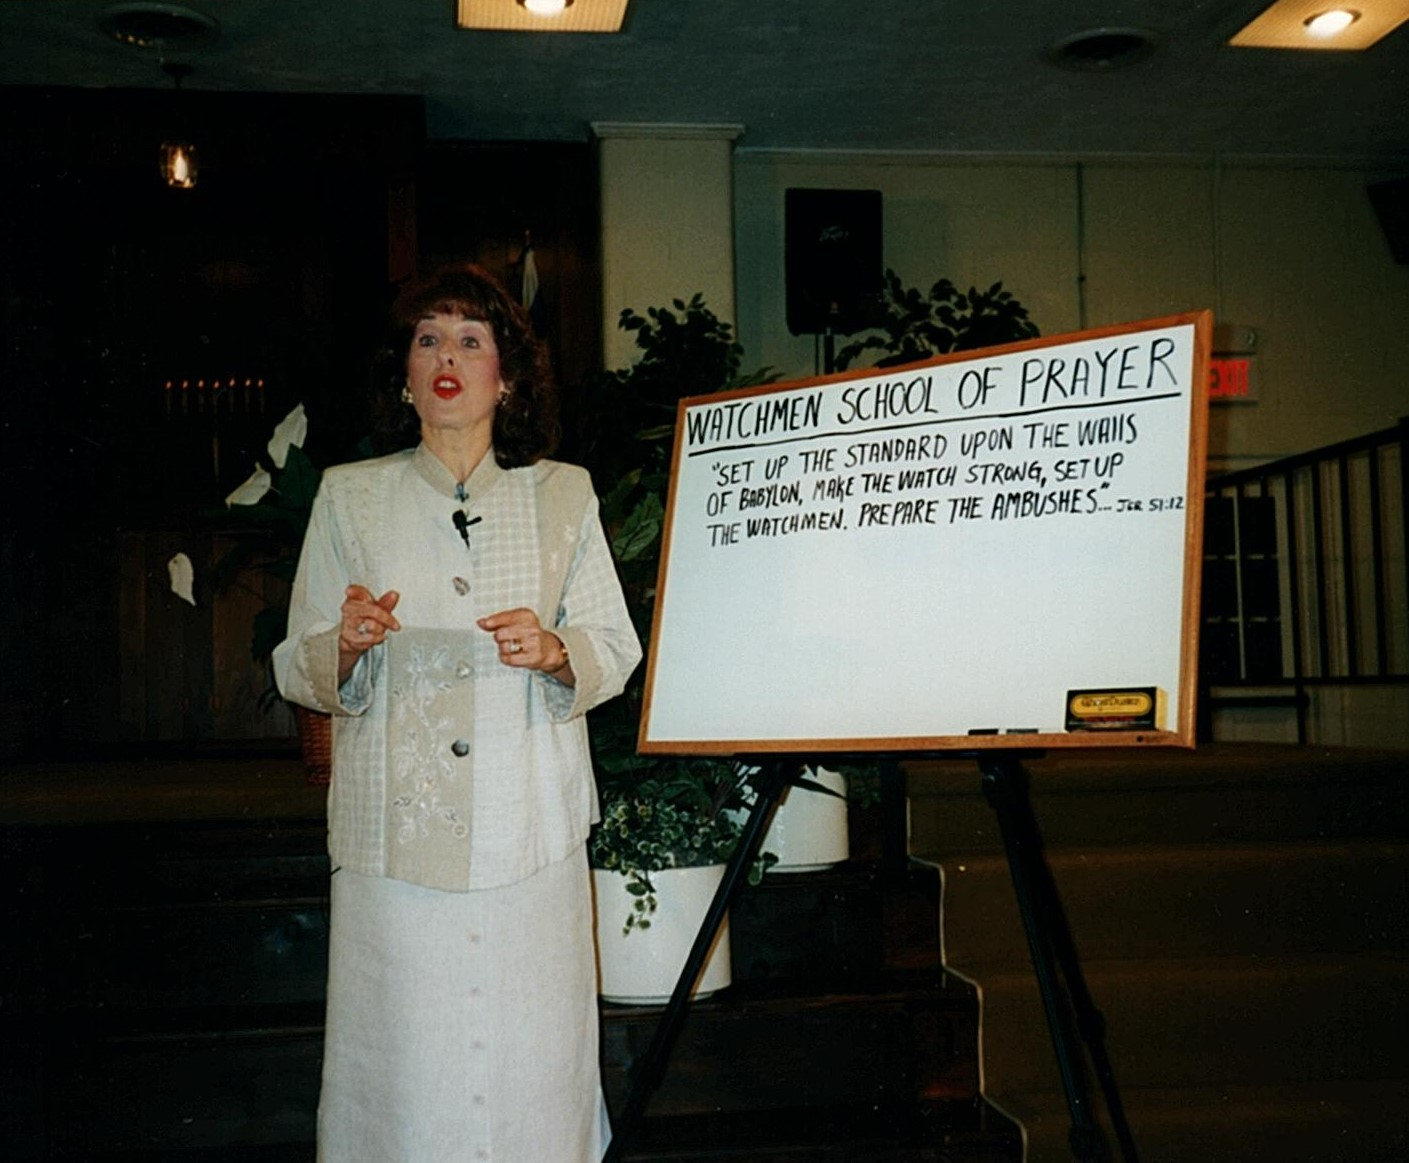 About Watchmen School of Prayer